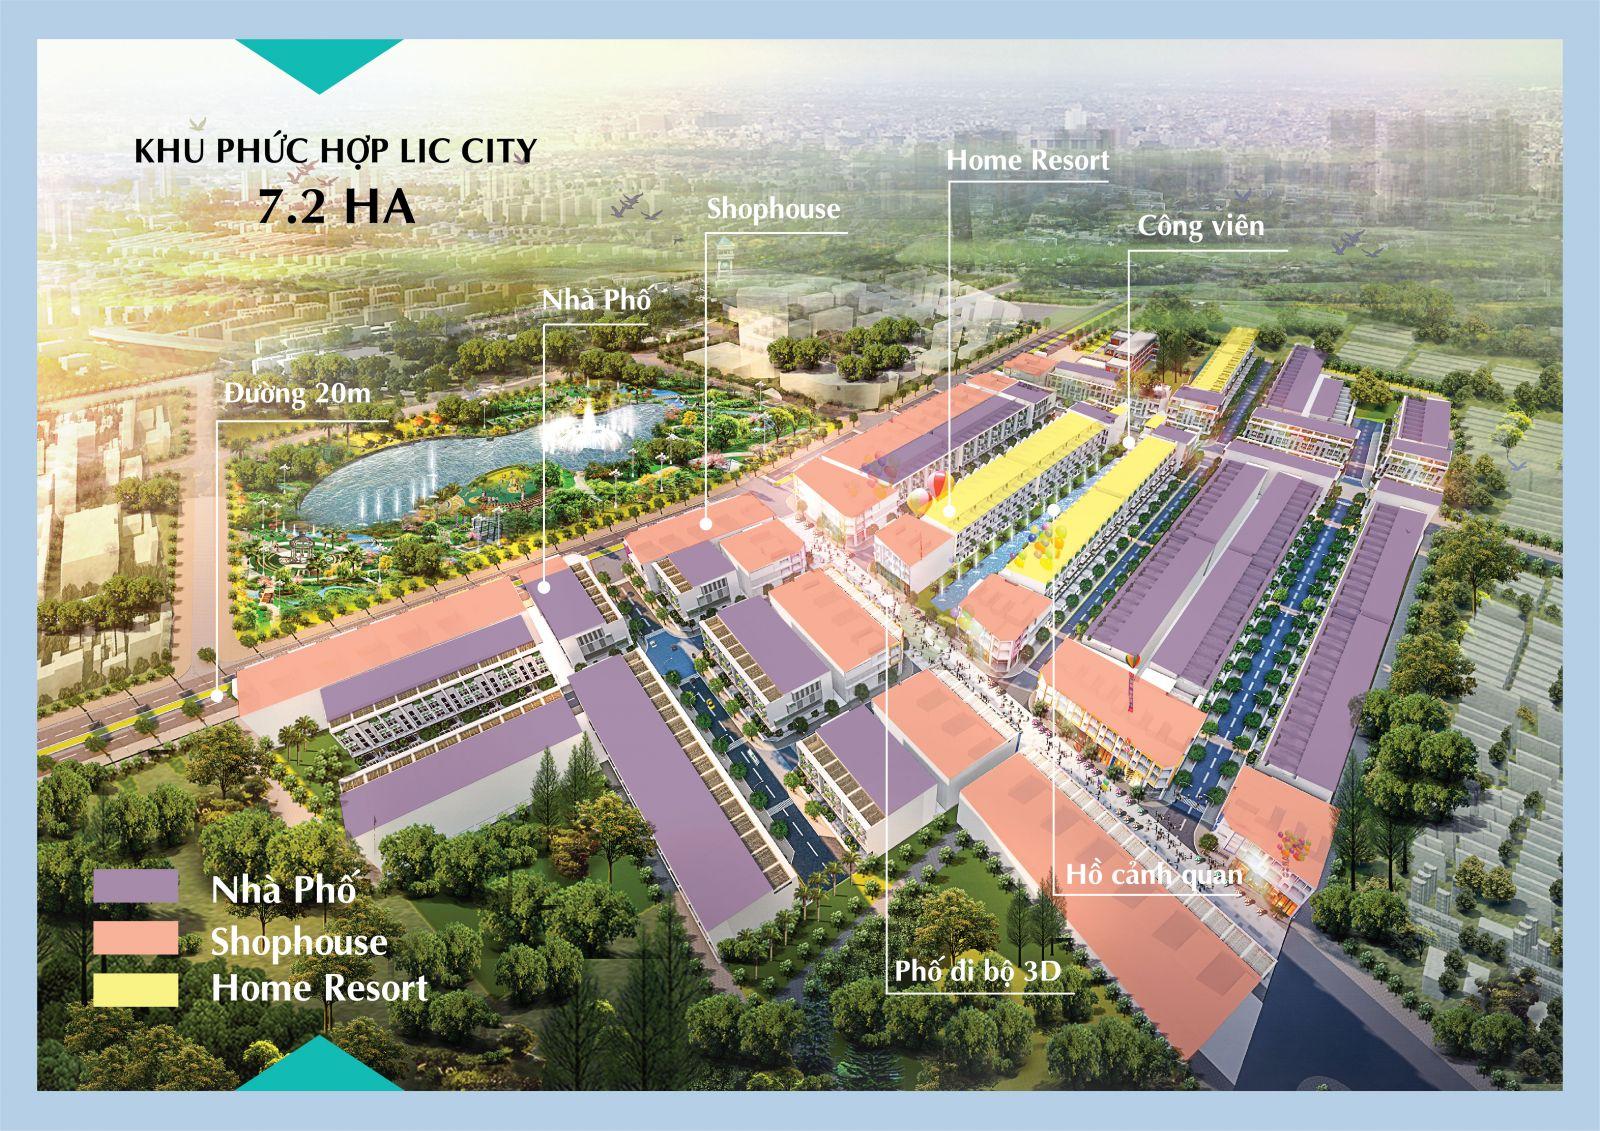 Bản đồ Phân Khu dự án Lic City | Nguồn: charmington.org